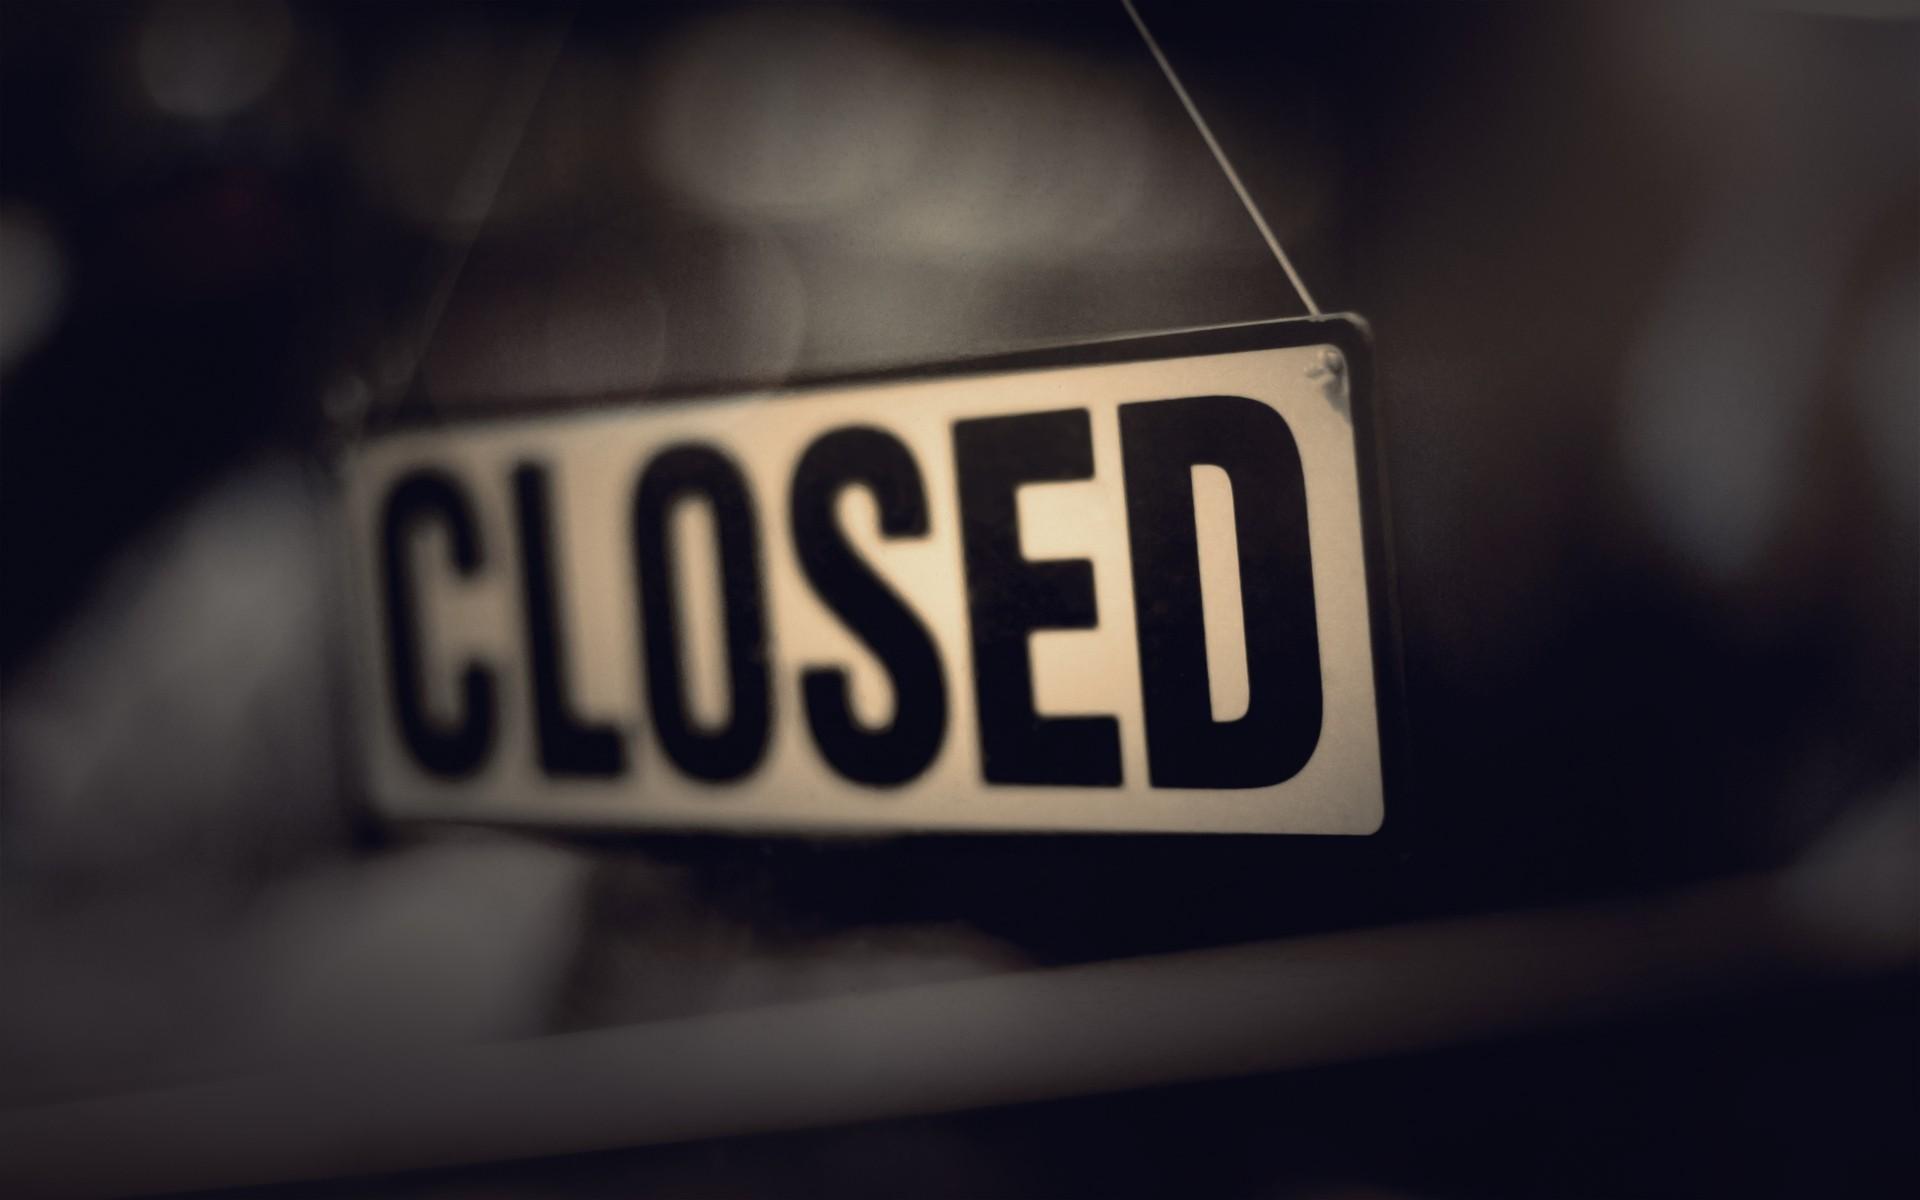 Seit dem 31.10.2013 geschlossen